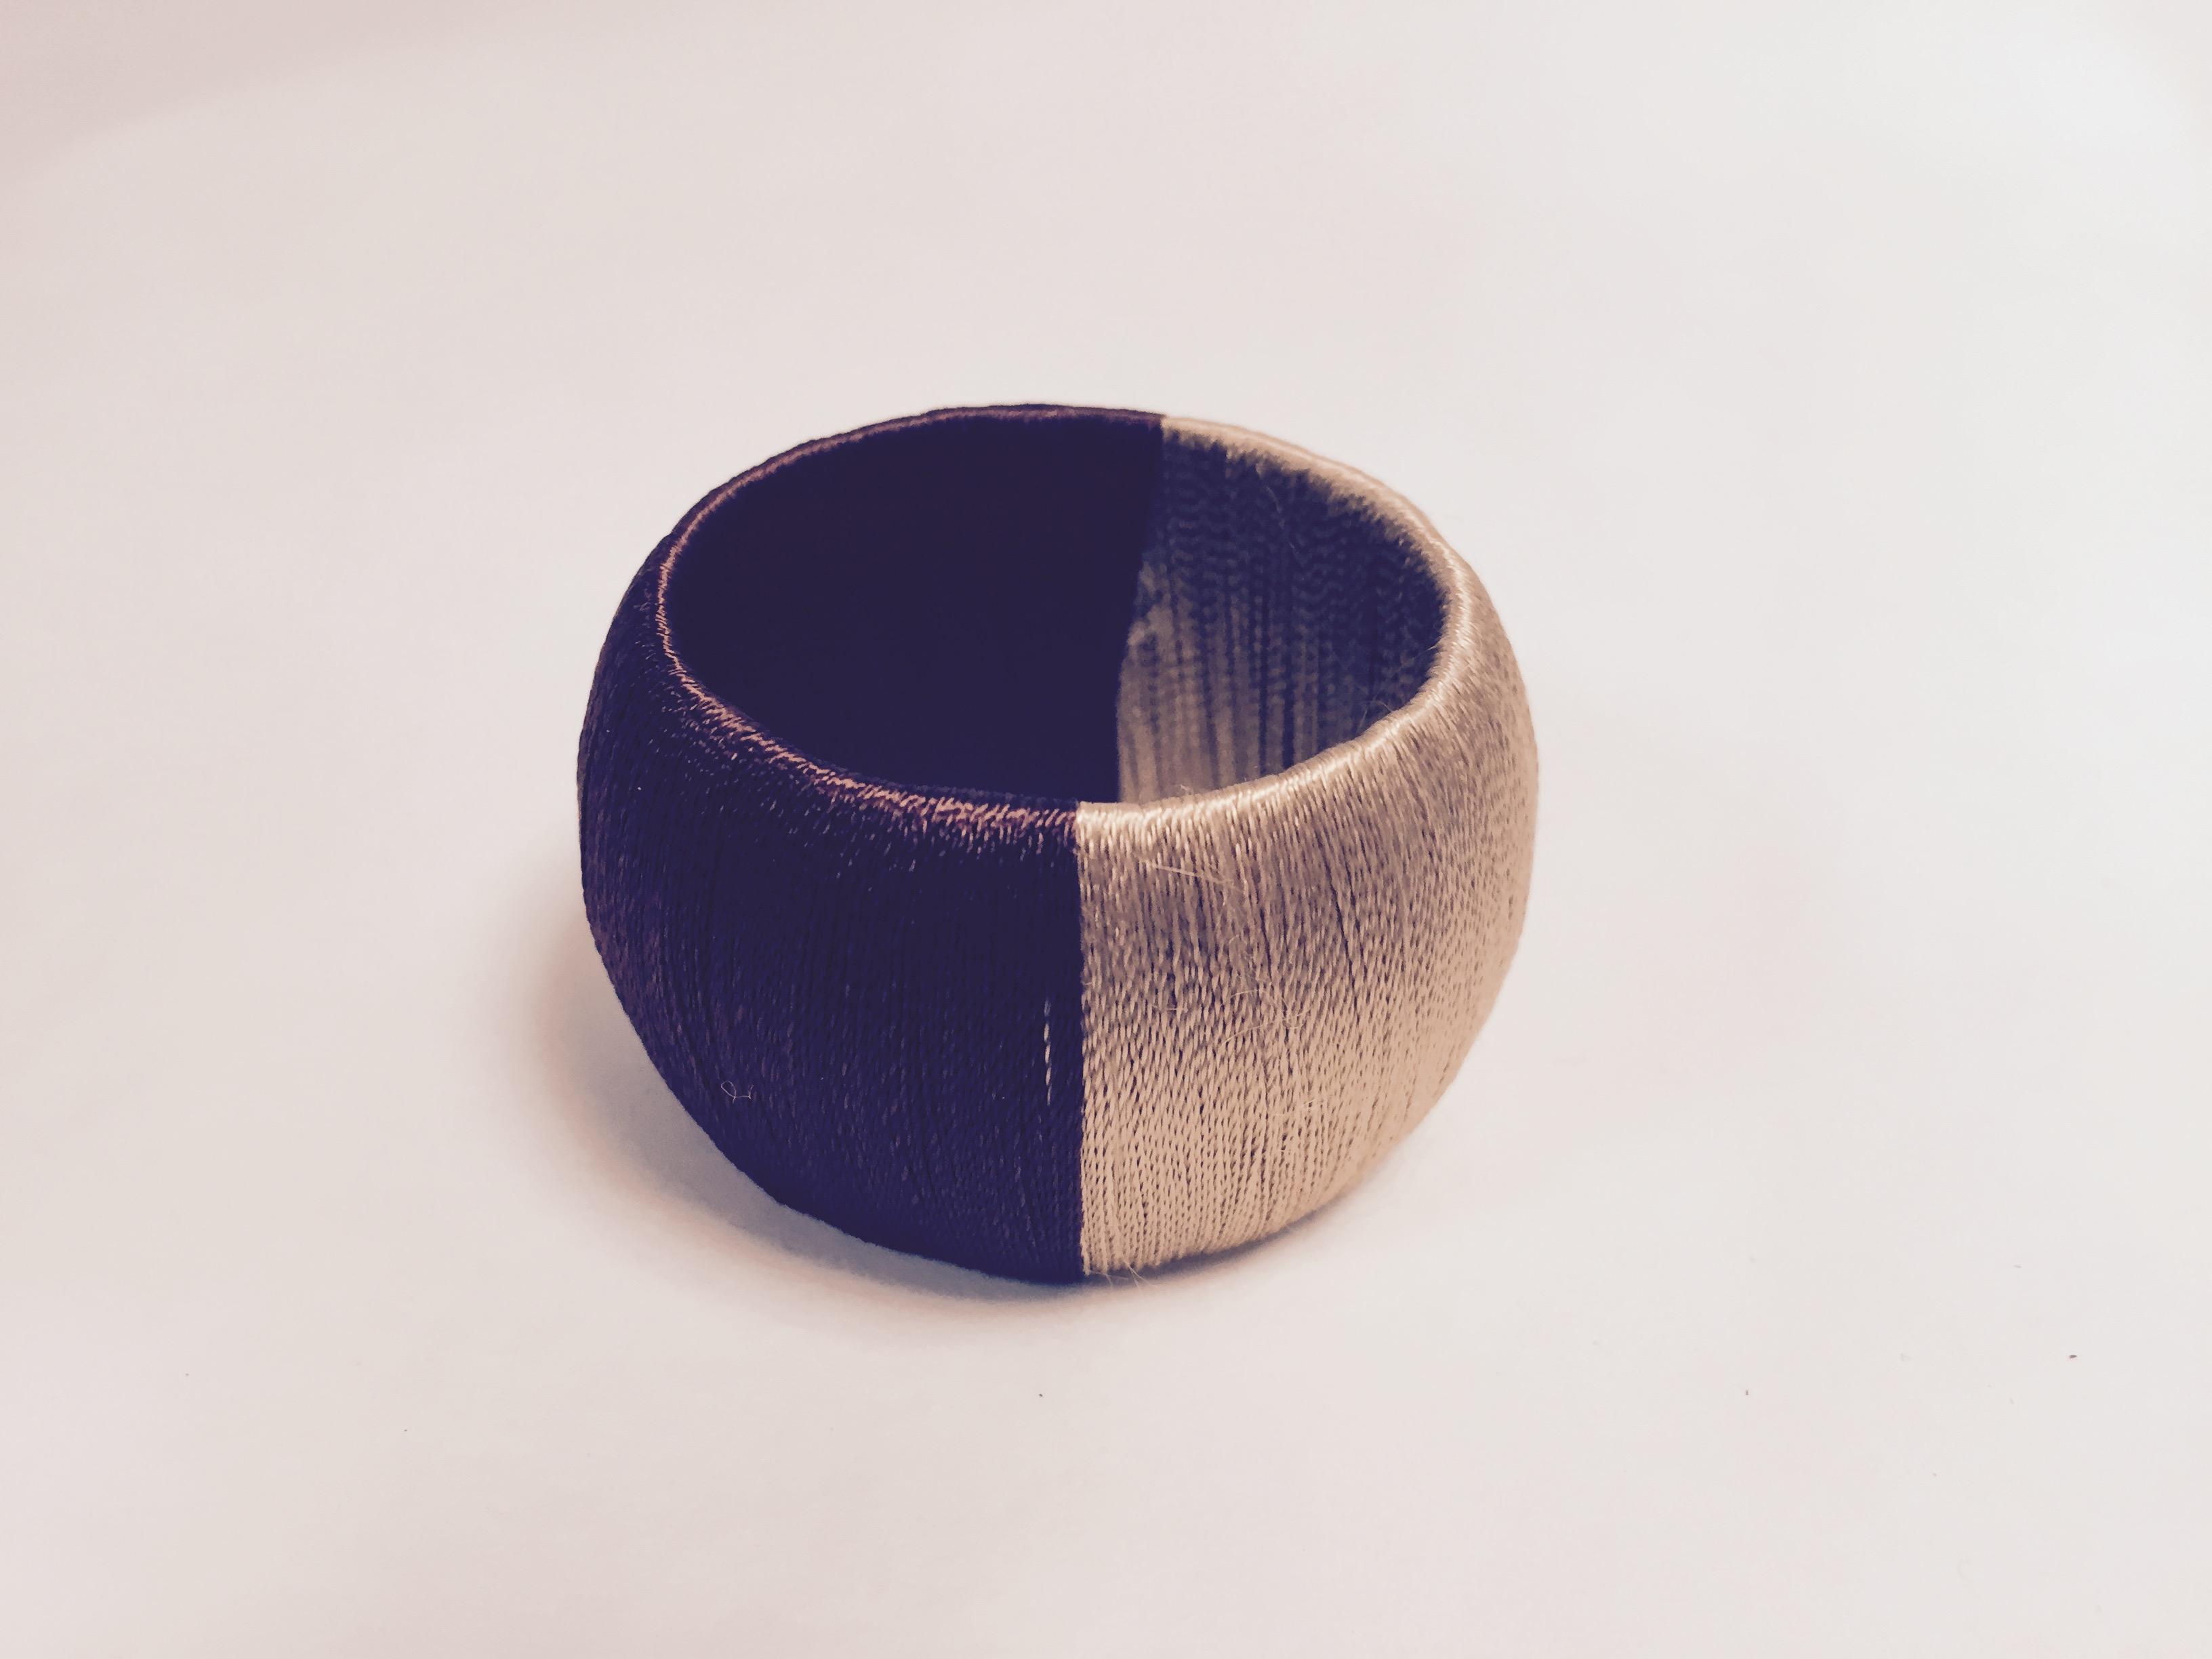 rond serviette fil chocolat / praline